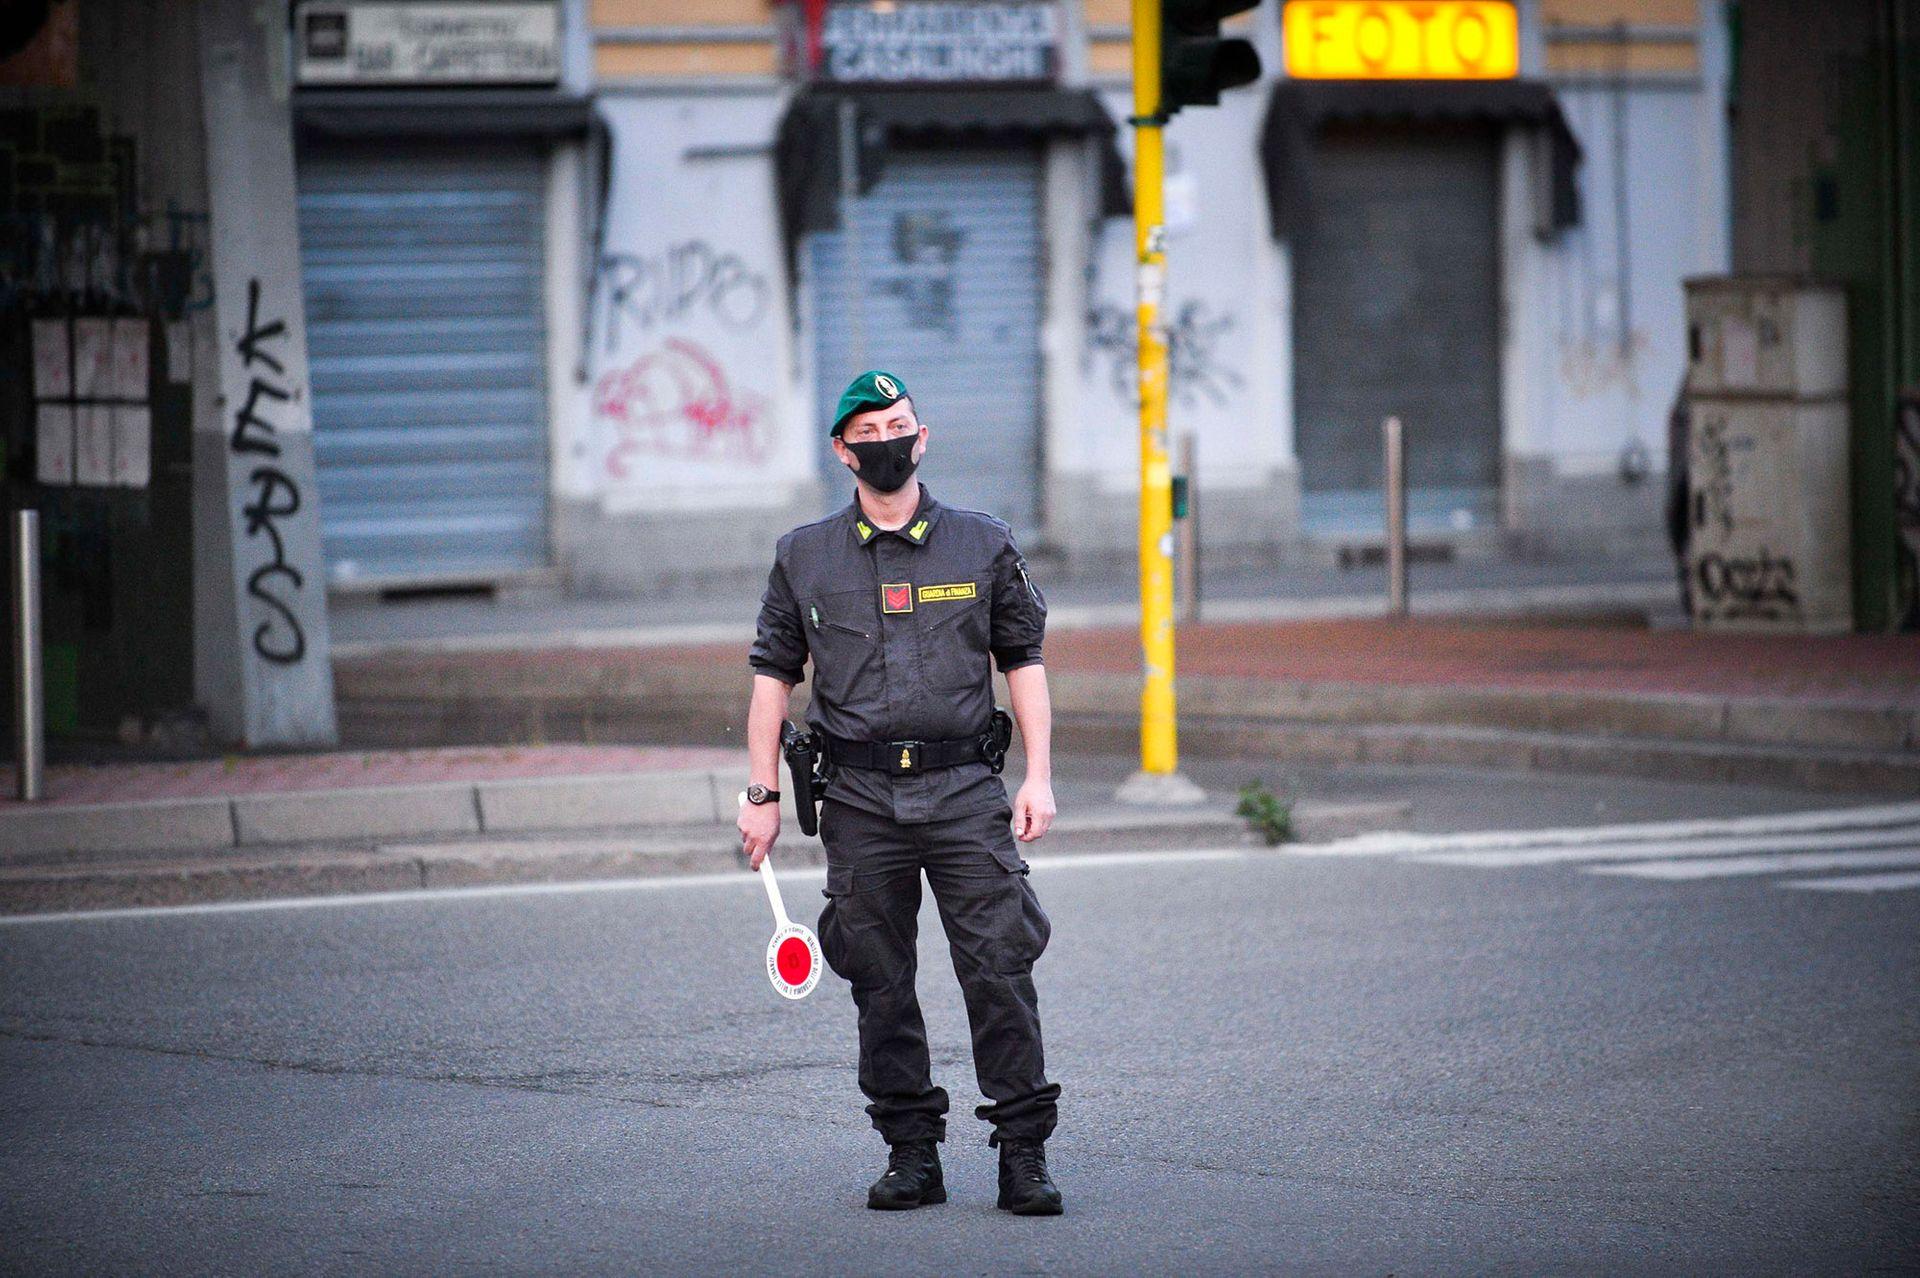 """Італійський регіон збільшив штрафи за порушення """"маскового режиму"""" до 1000 євро"""